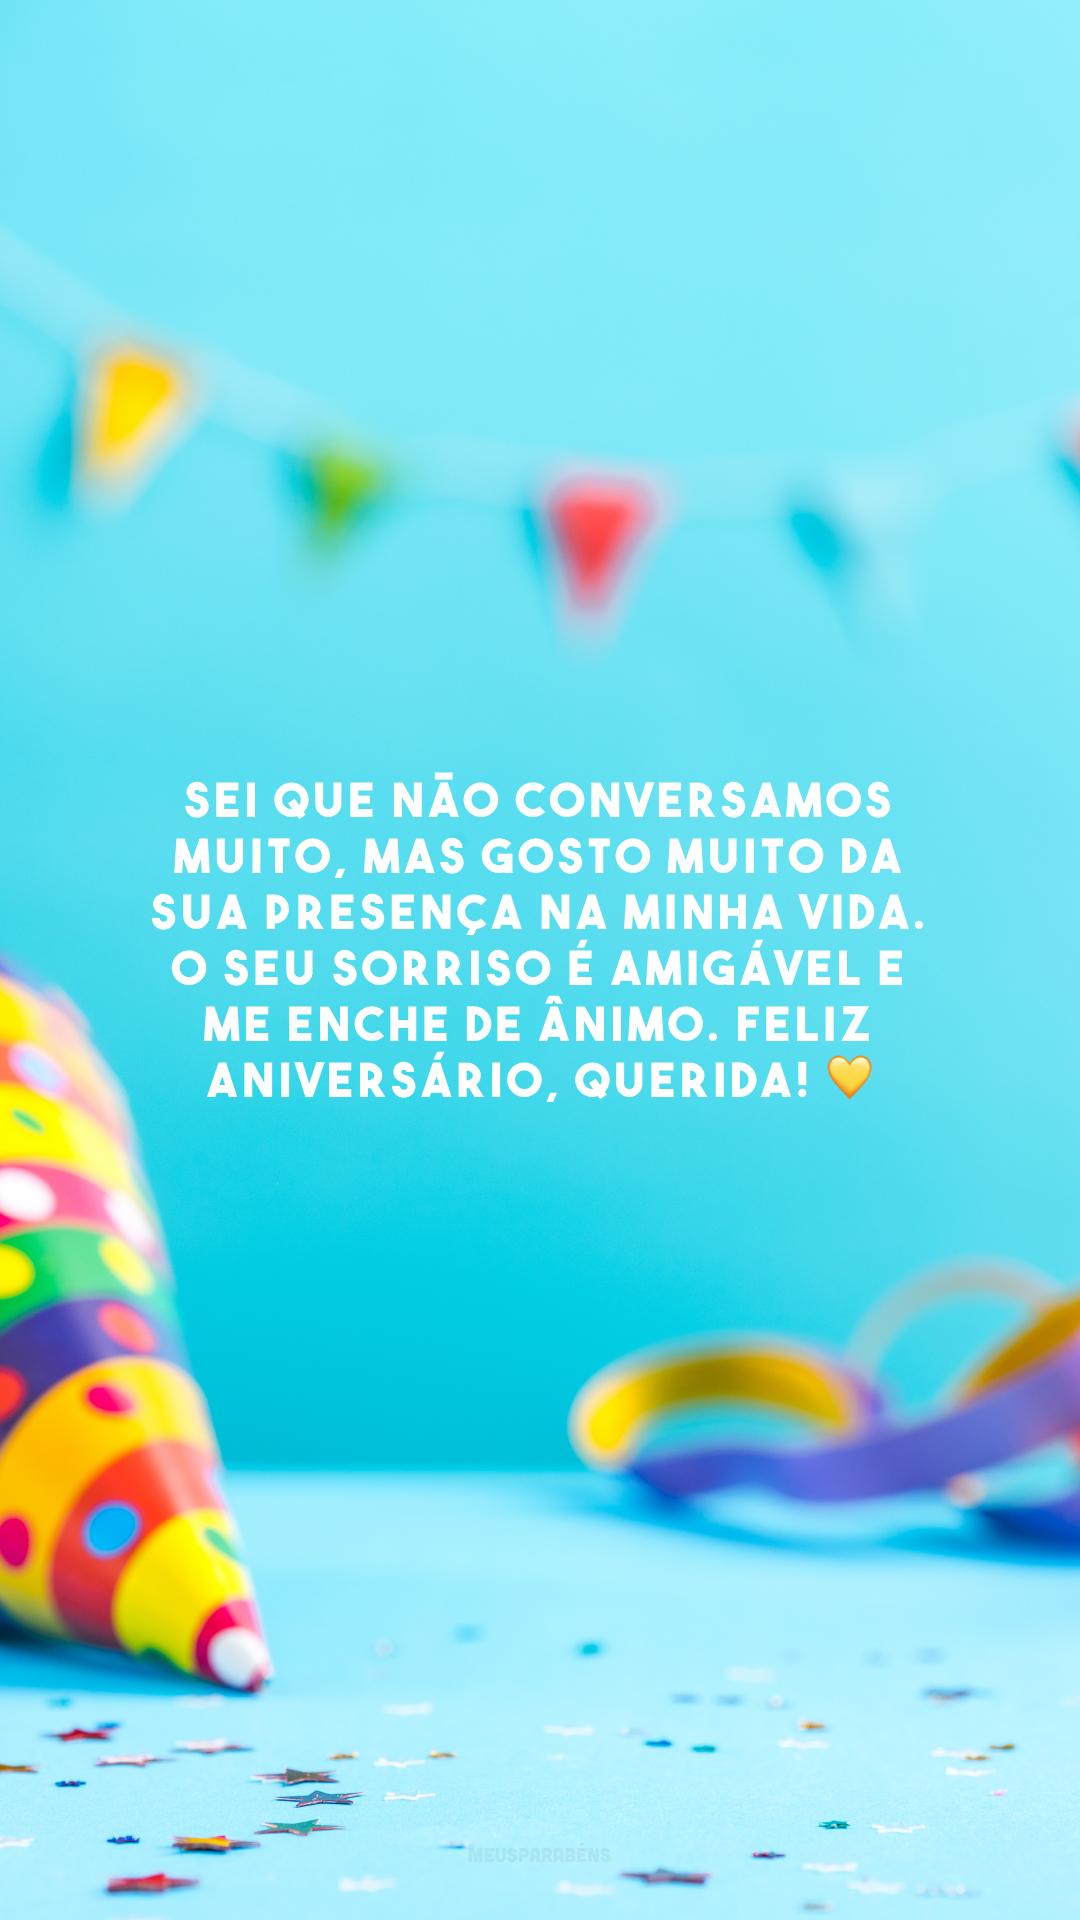 Sei que não conversamos muito, mas gosto muito da sua presença na minha vida. O seu sorriso é amigável e me enche de ânimo. Feliz aniversário, querida! 💛